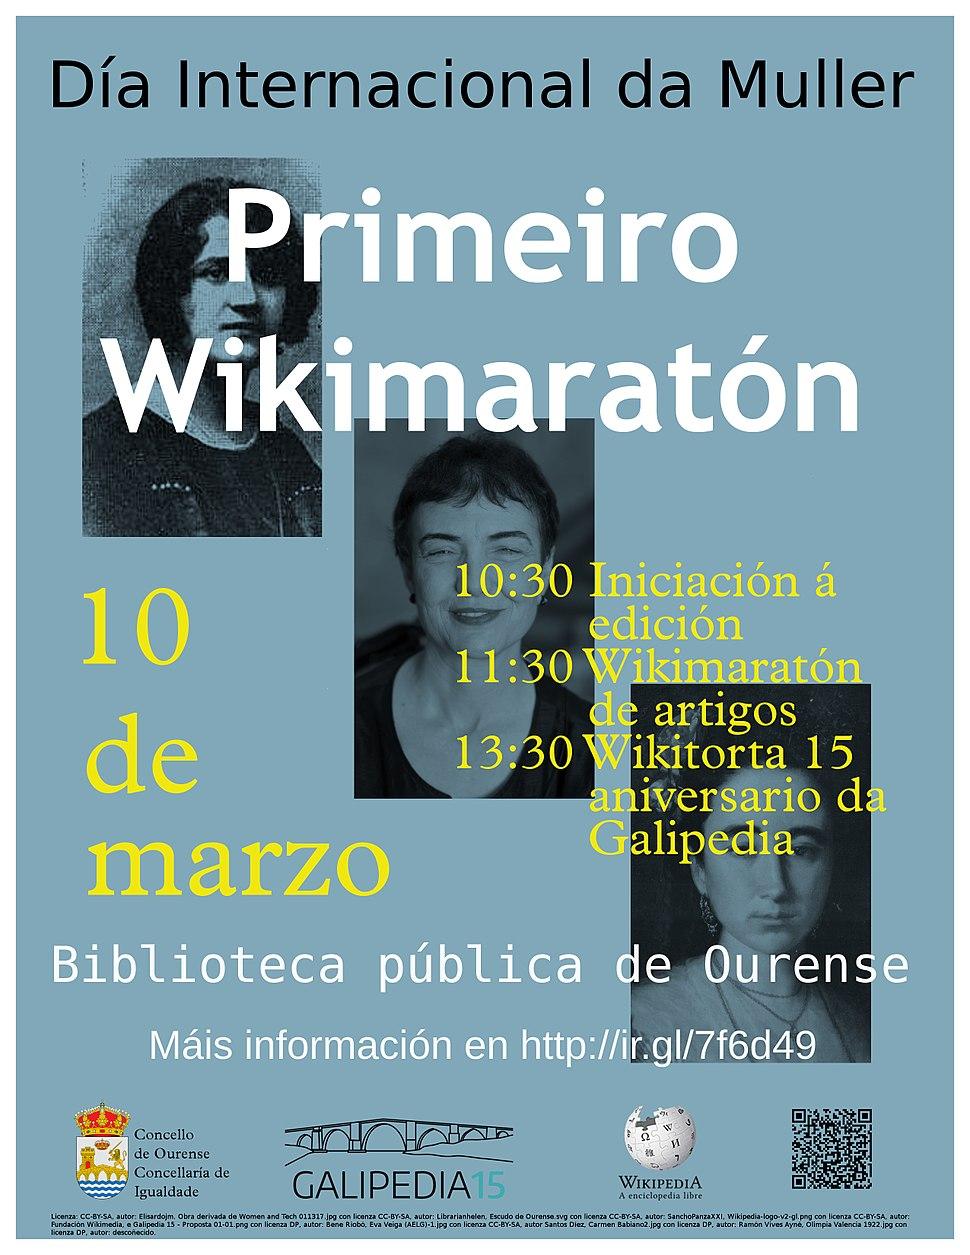 Wikimaratón Día Internacional da Muller Ourense 2018 v2